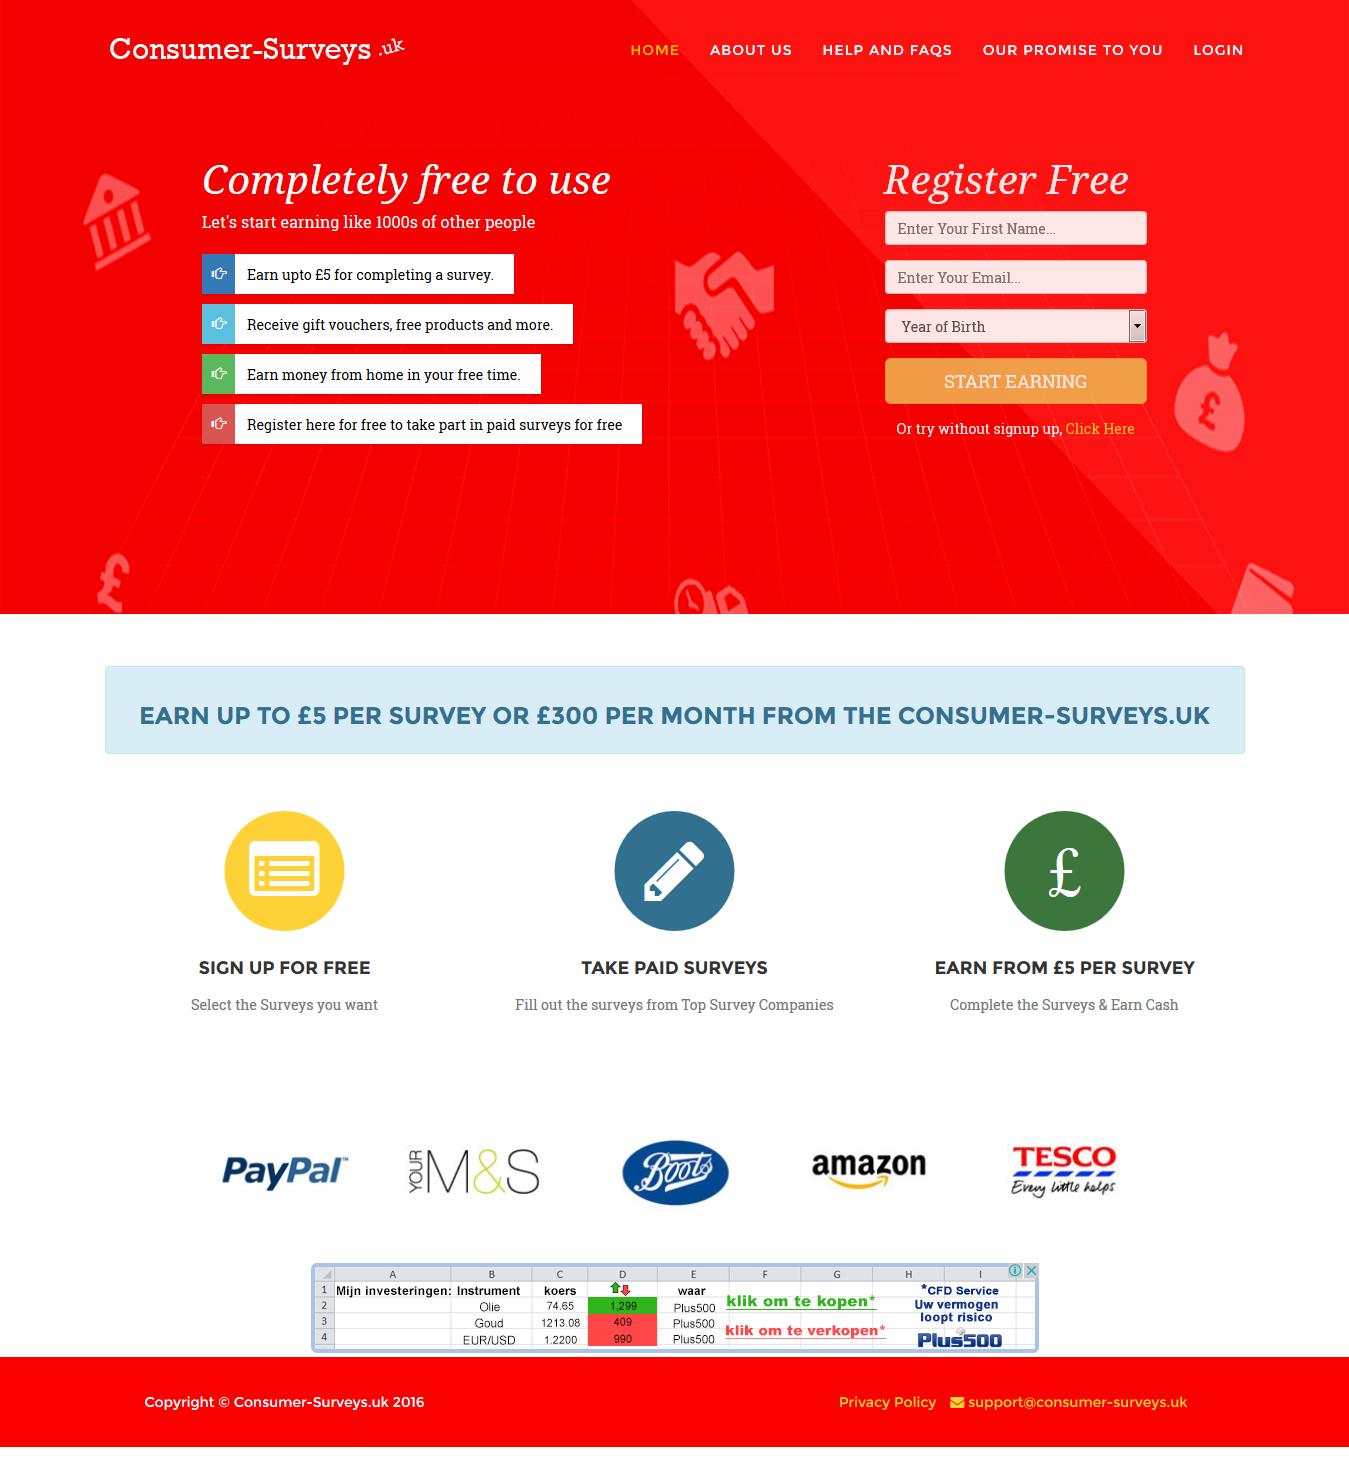 Paid Surveys UK - Online Part-time Surveys